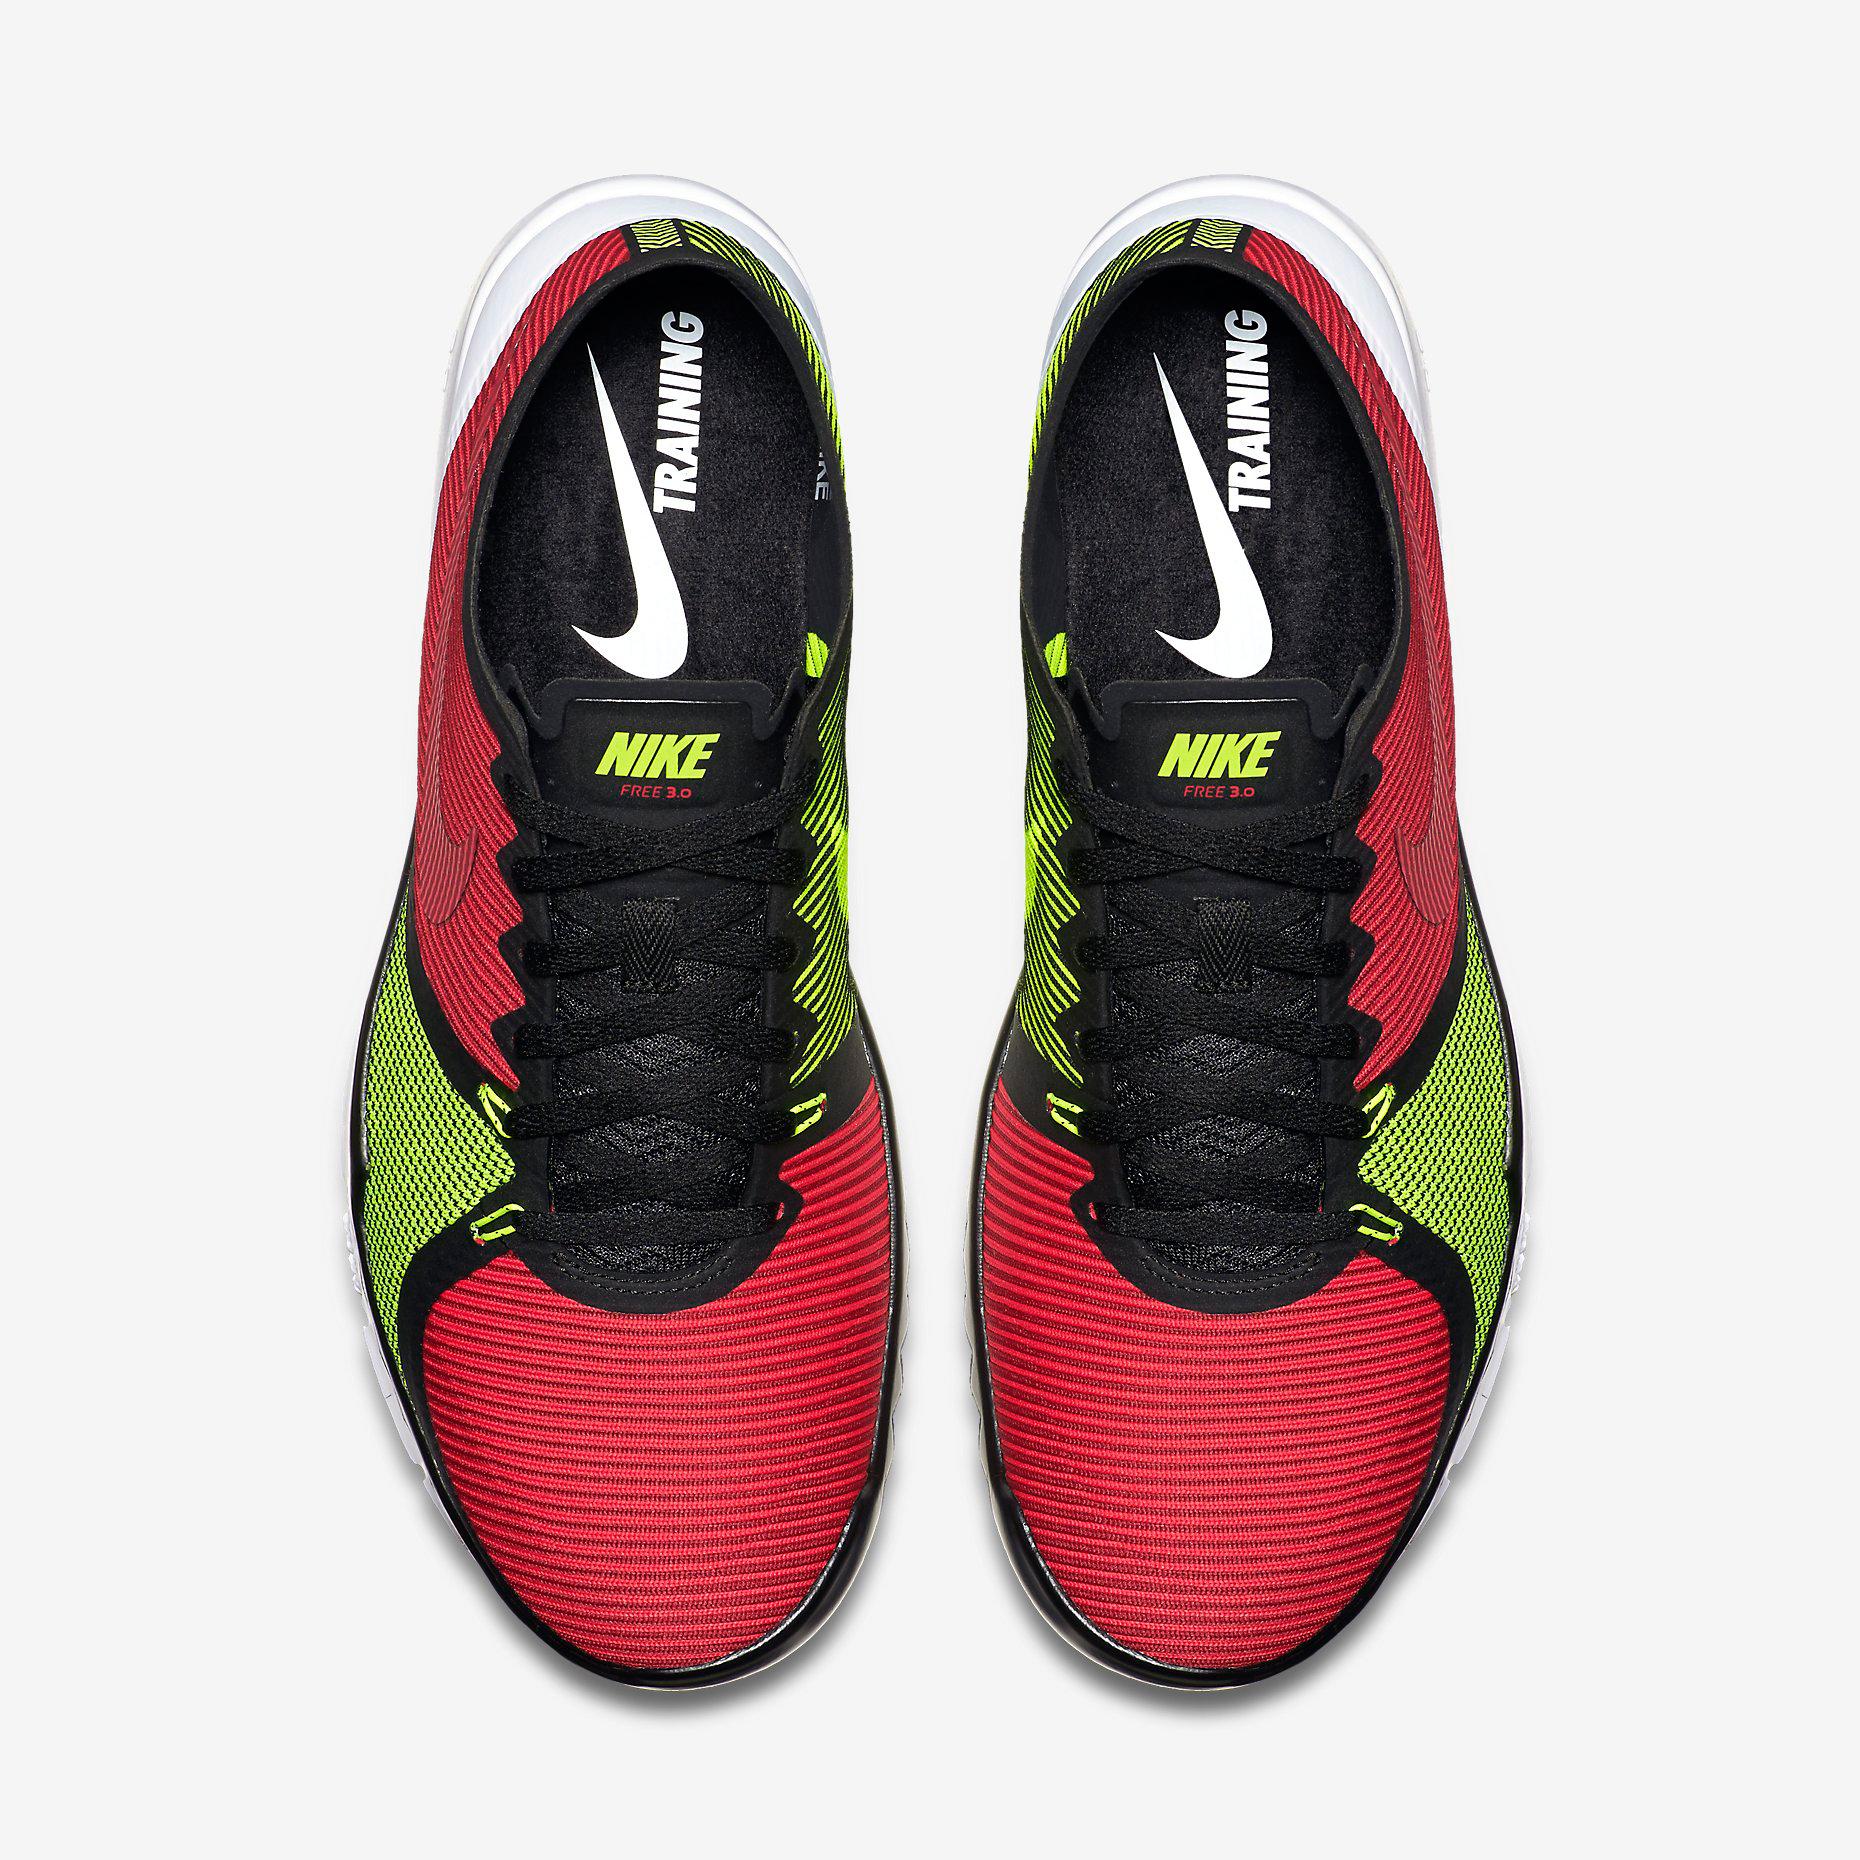 Nike Free Trainer 3.0 V4 Men's Training Shoe